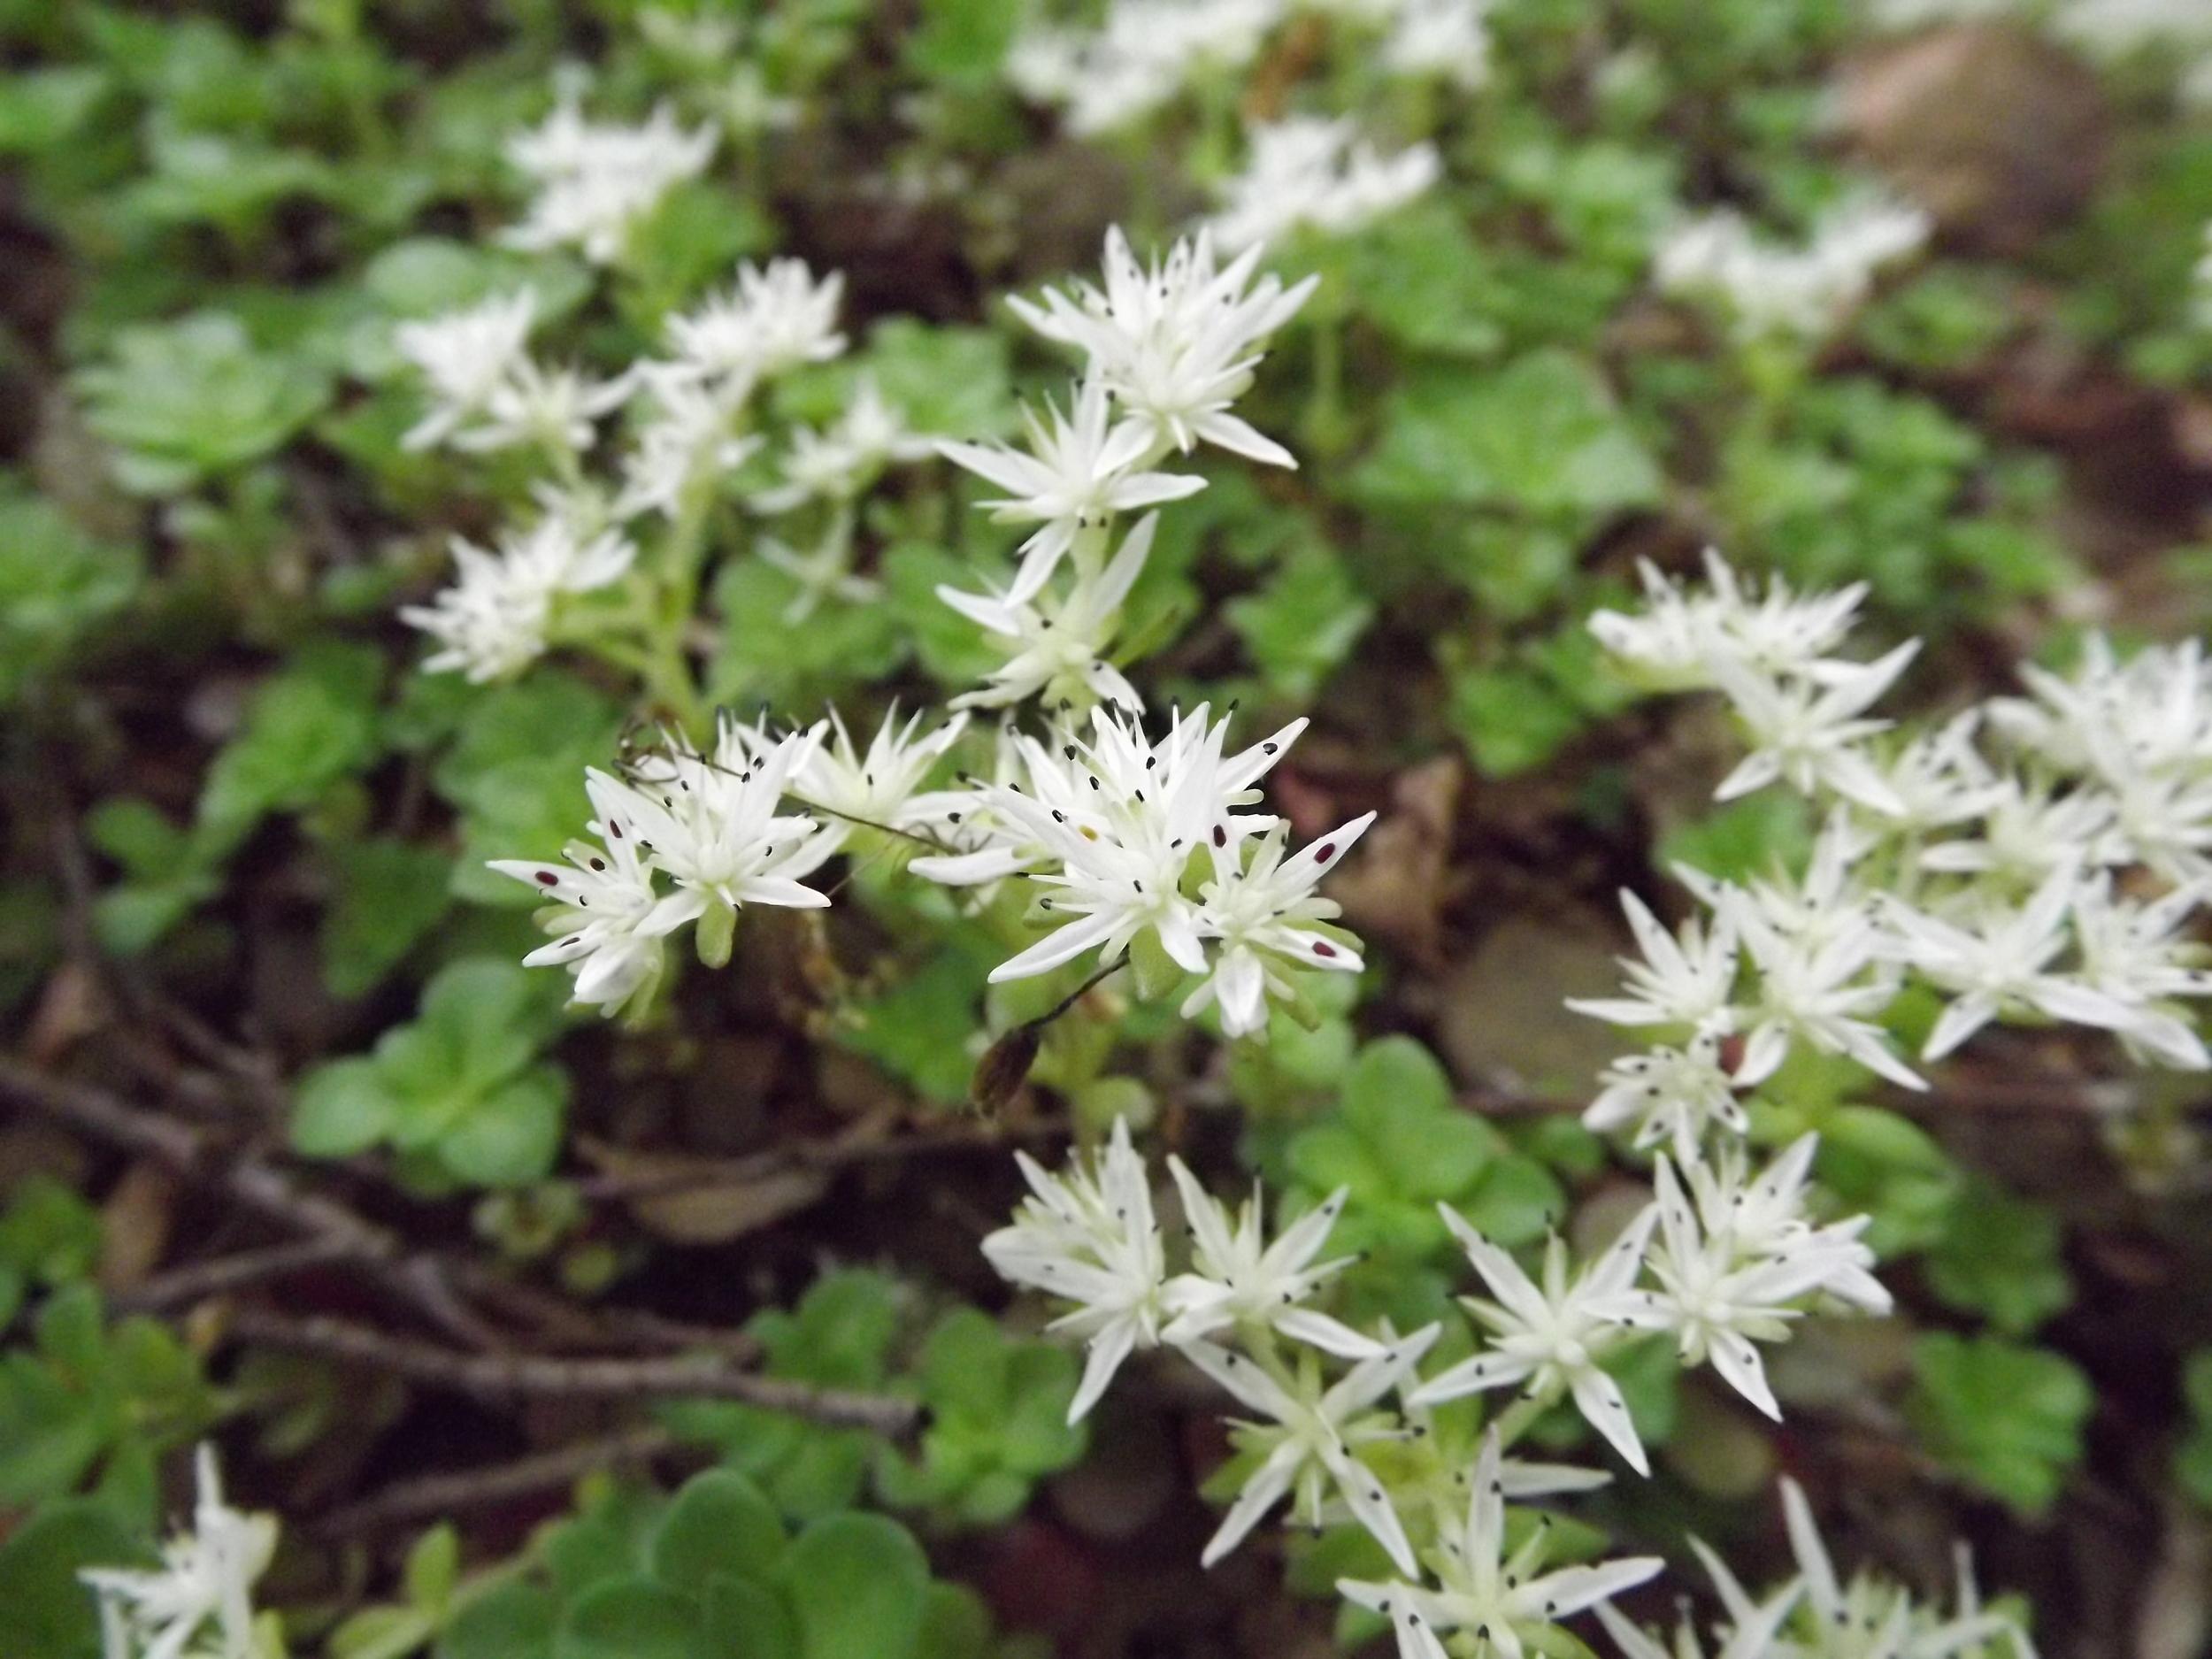 Woodland Stonecrop   Sedum ternatum   5.19.13